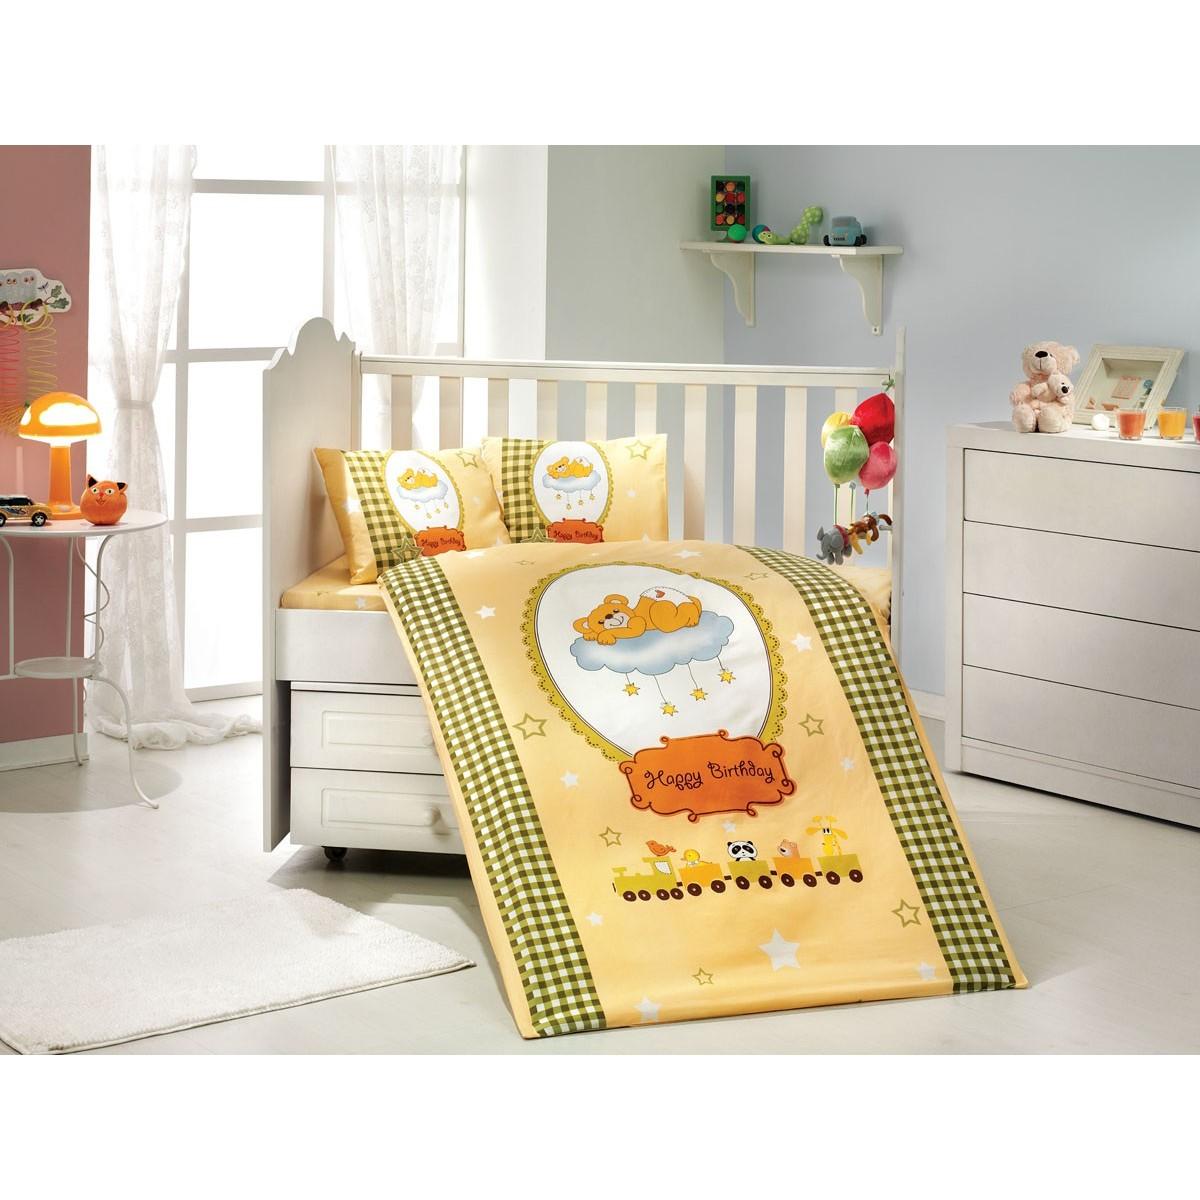 Комплект Постельного Белья В Кроватку Hobby Home Collection Bambam 1501000334 Поплин